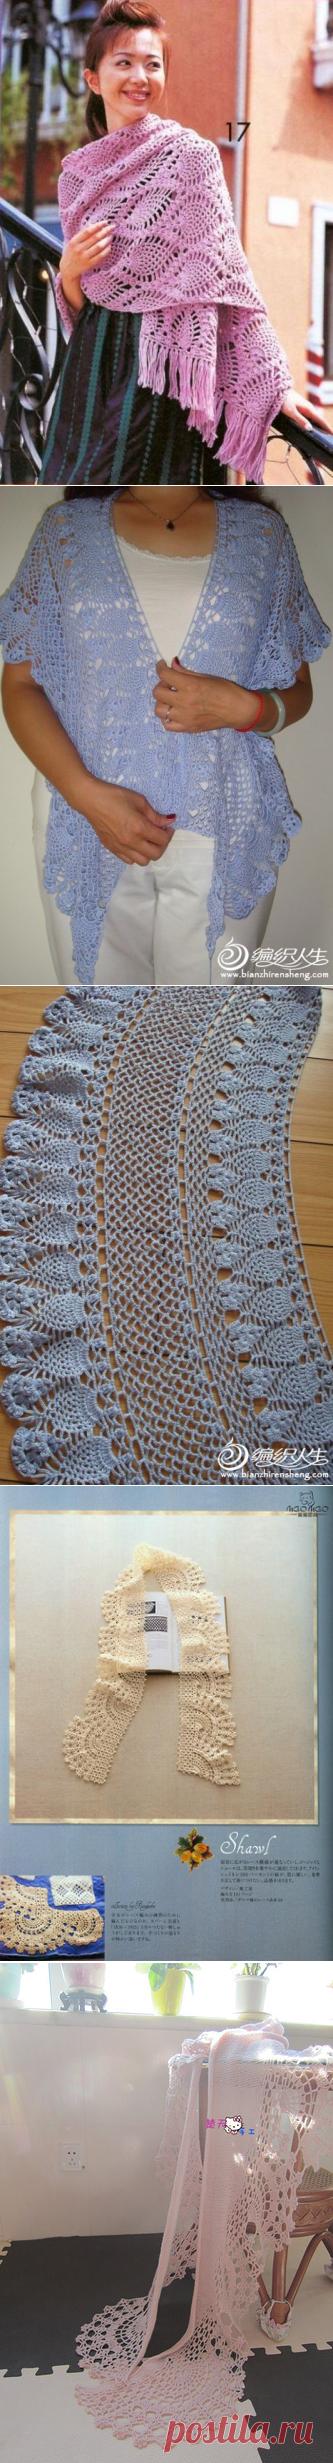 вязание шарфы палантины | Записи в рубрике вязание шарфы палантины | Дневник baba_Lena